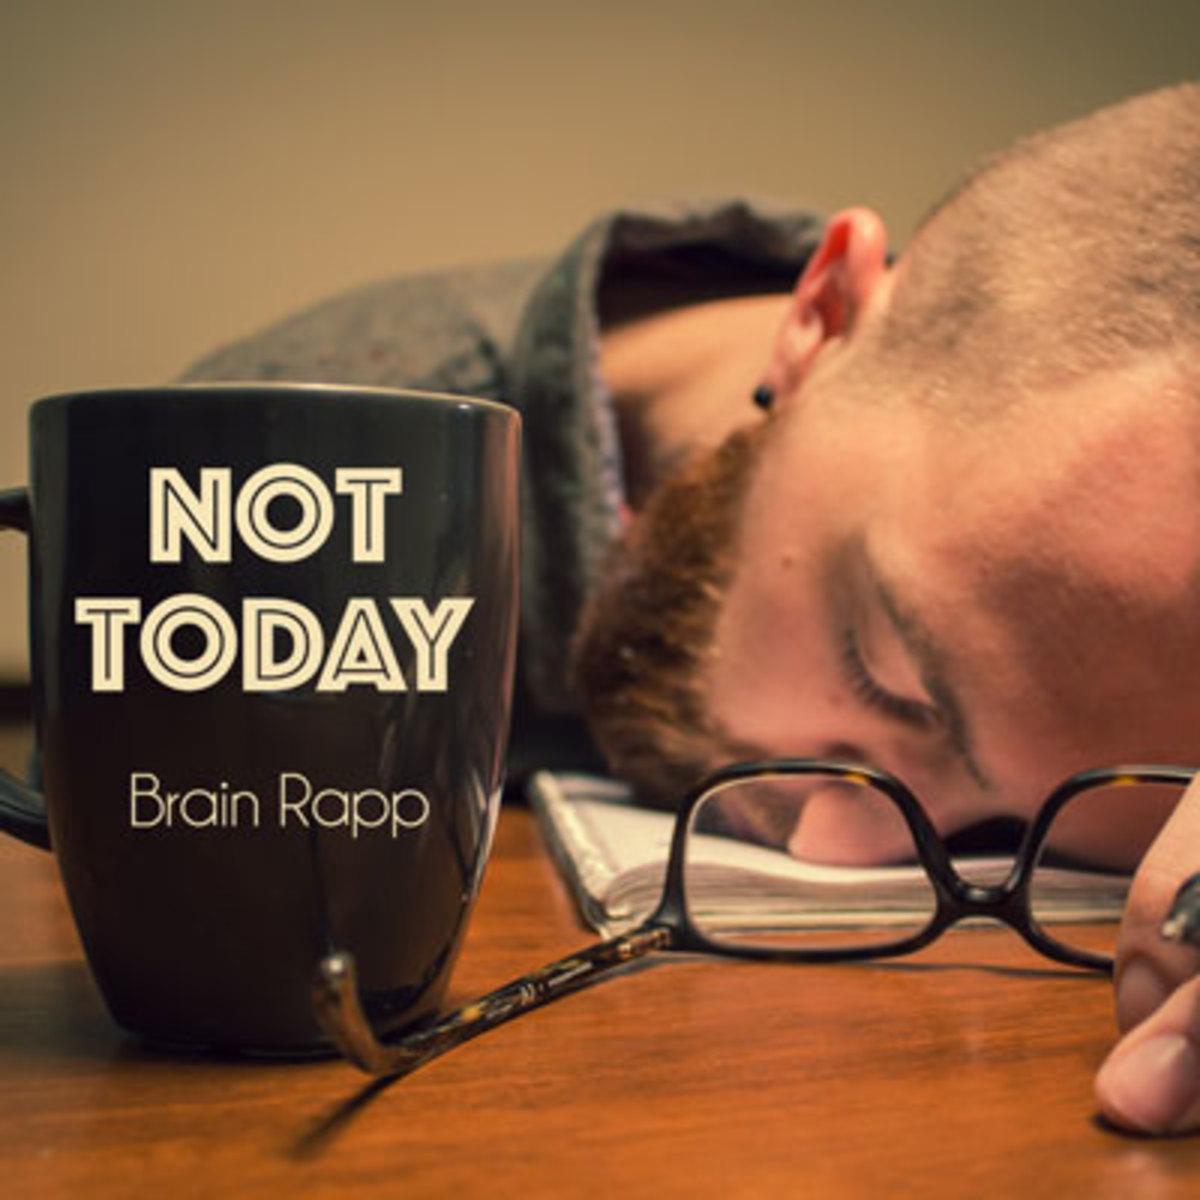 brainrapp-nottoday.jpg